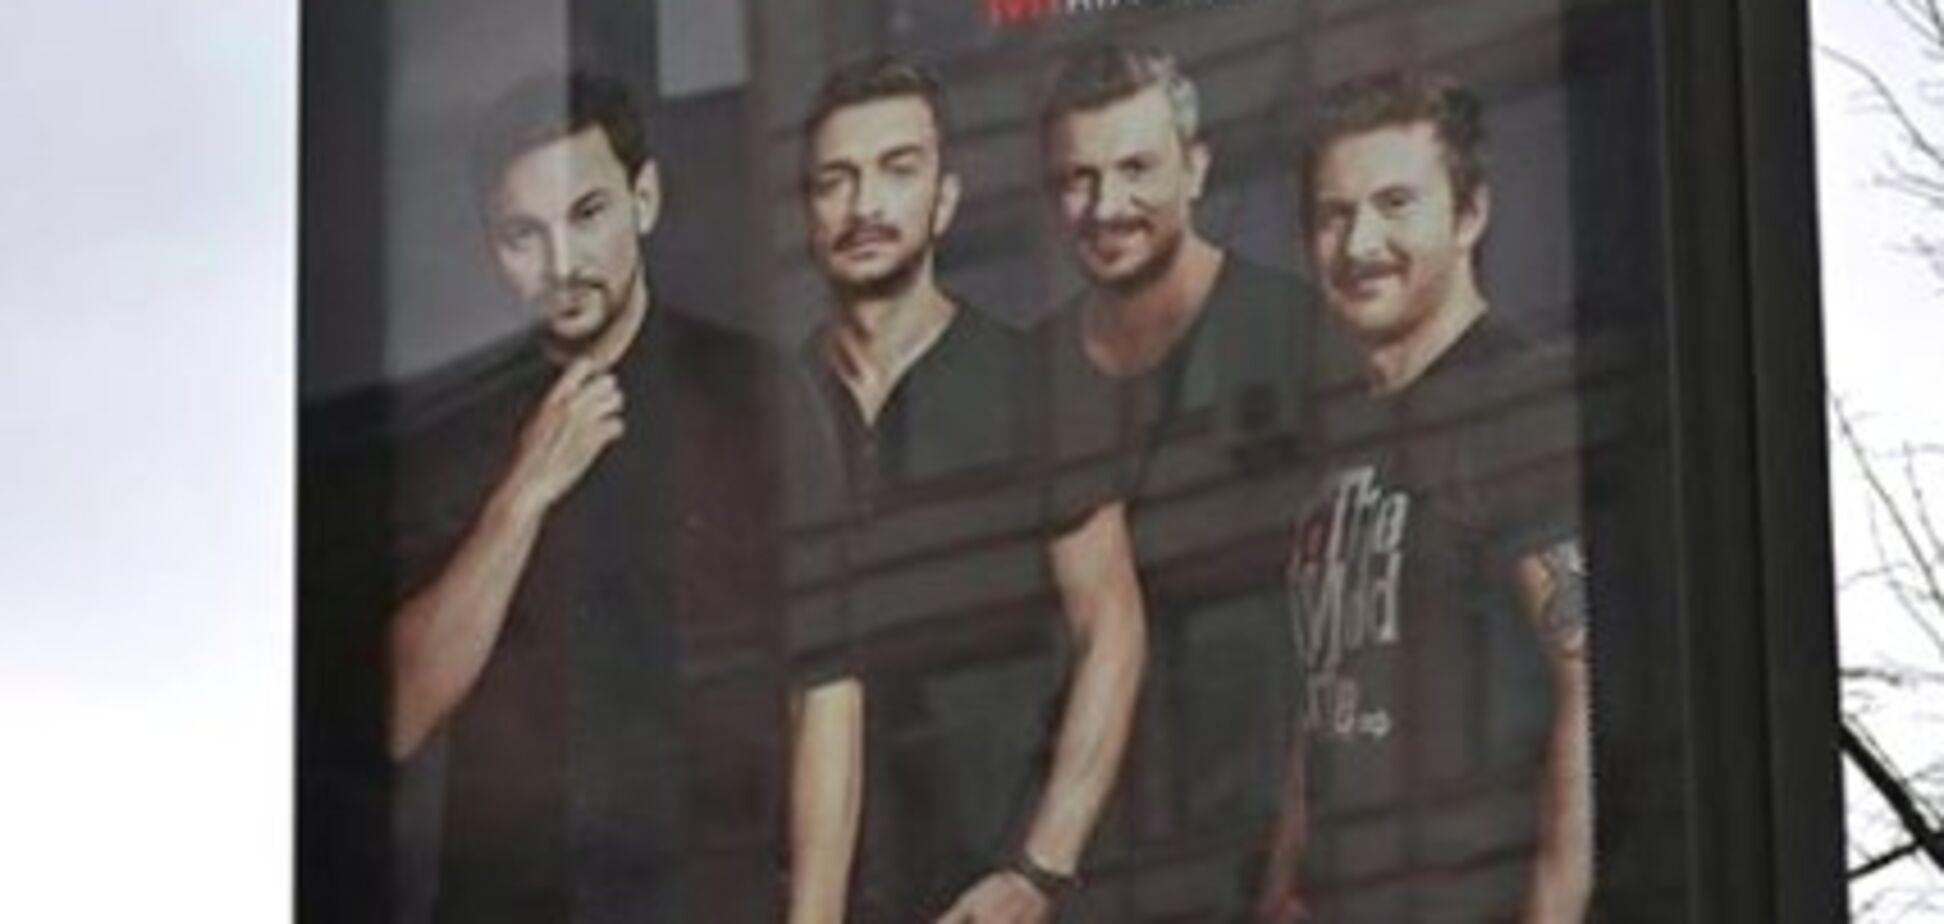 'Хороший регулярний секс': реклама за участю українських зірок викликала подив